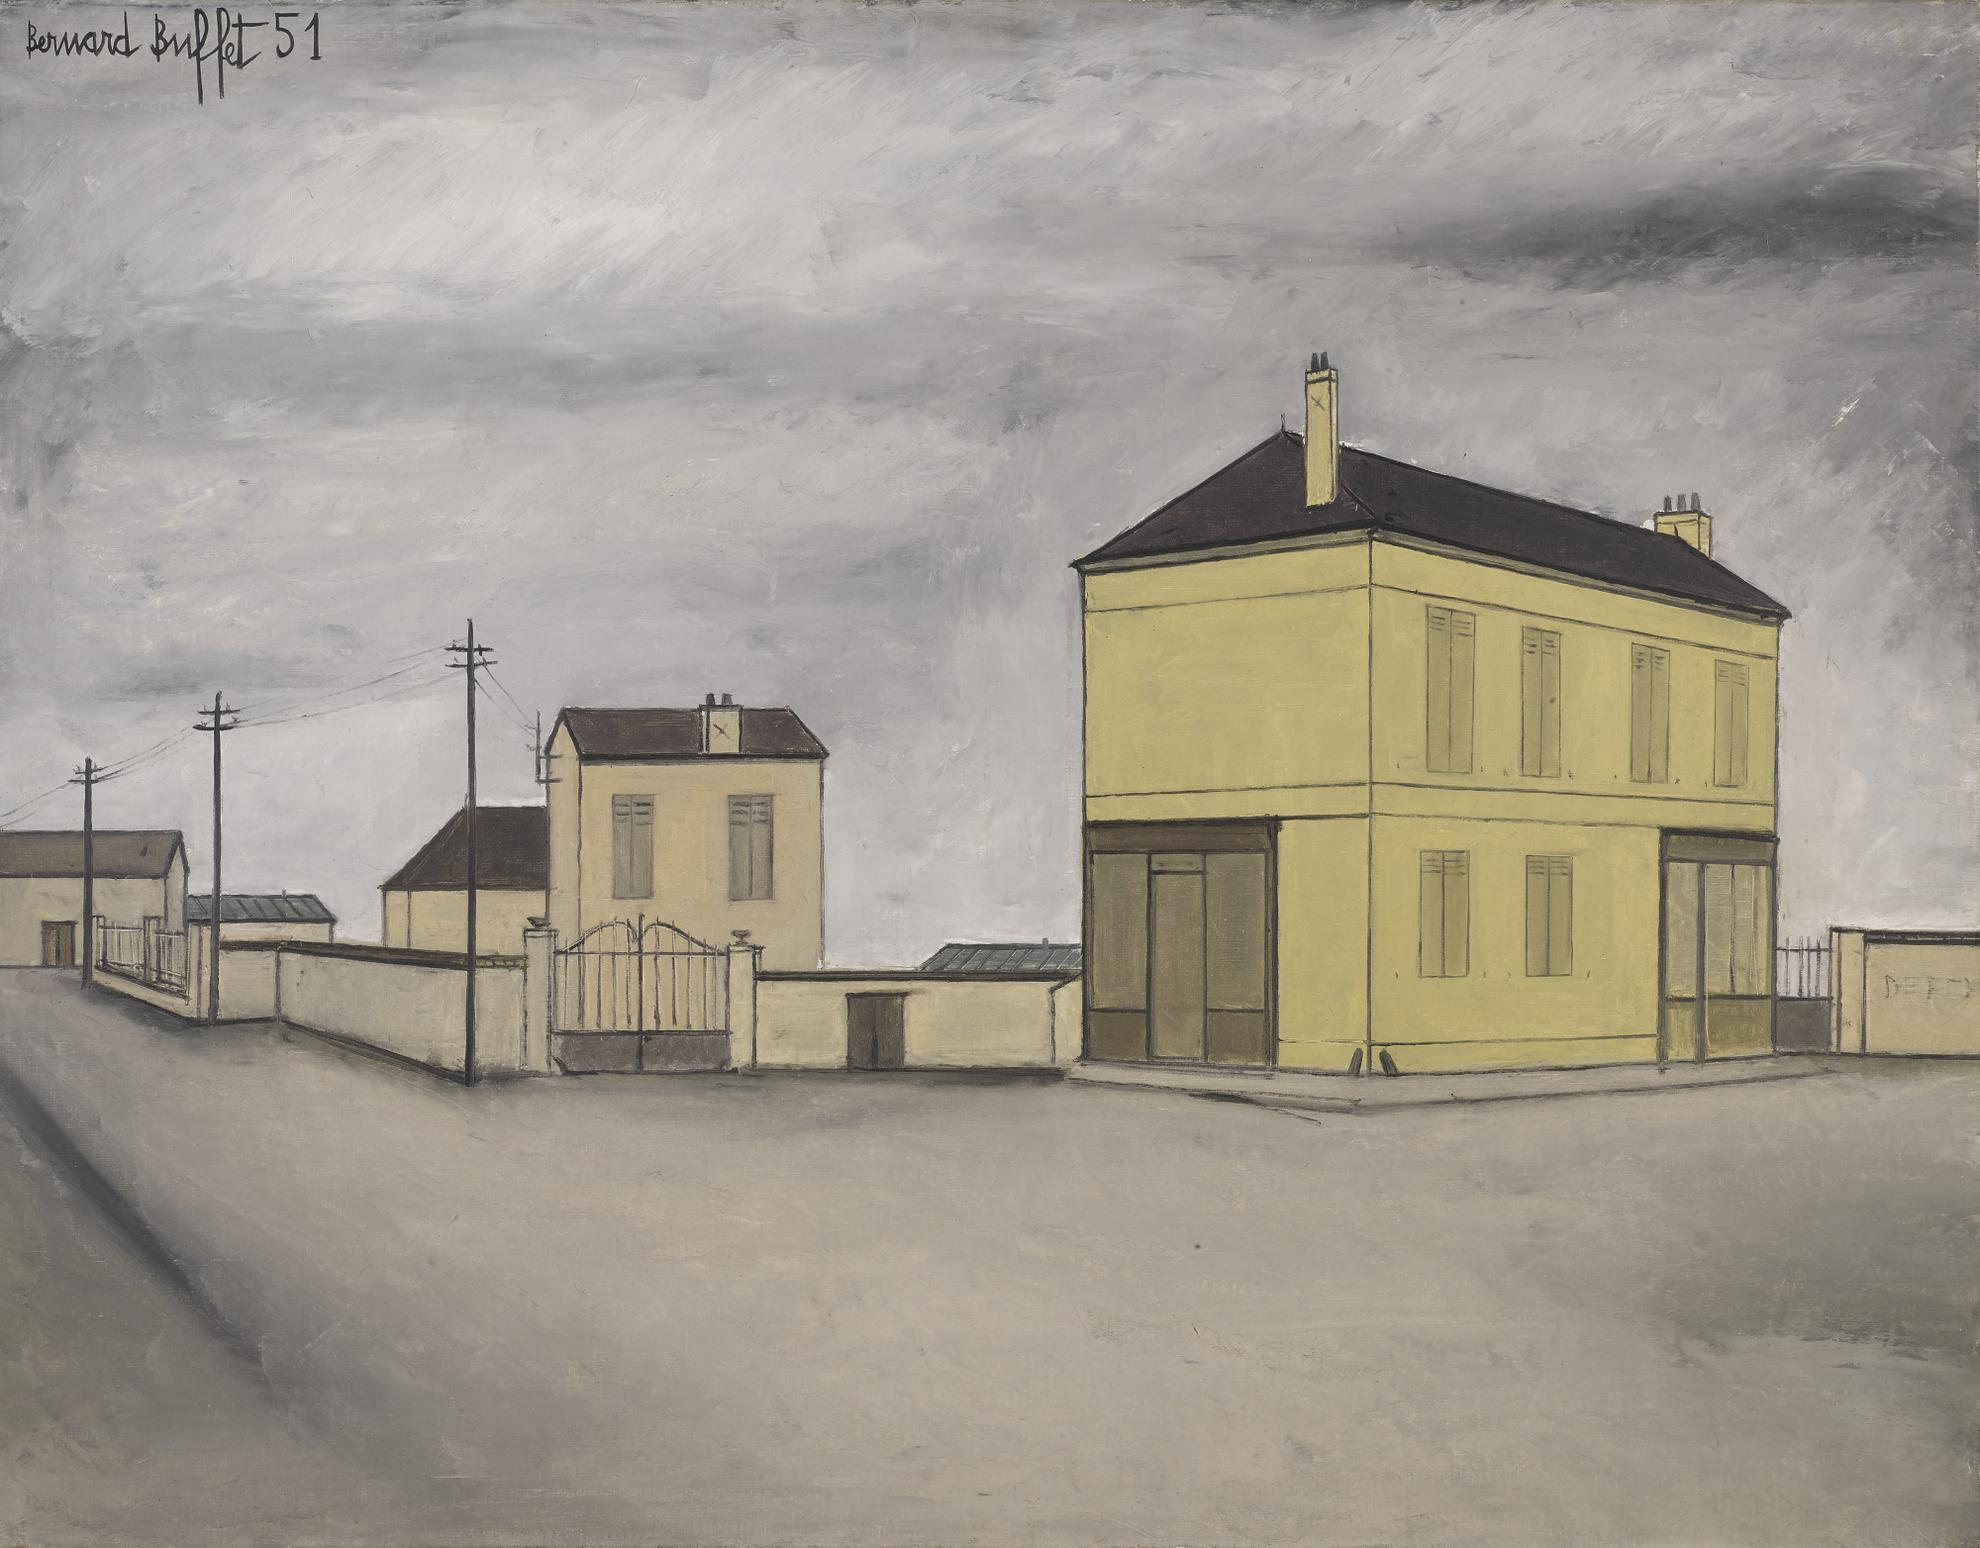 Bernard Buffet-Maison Dans Un Carrefour-1951